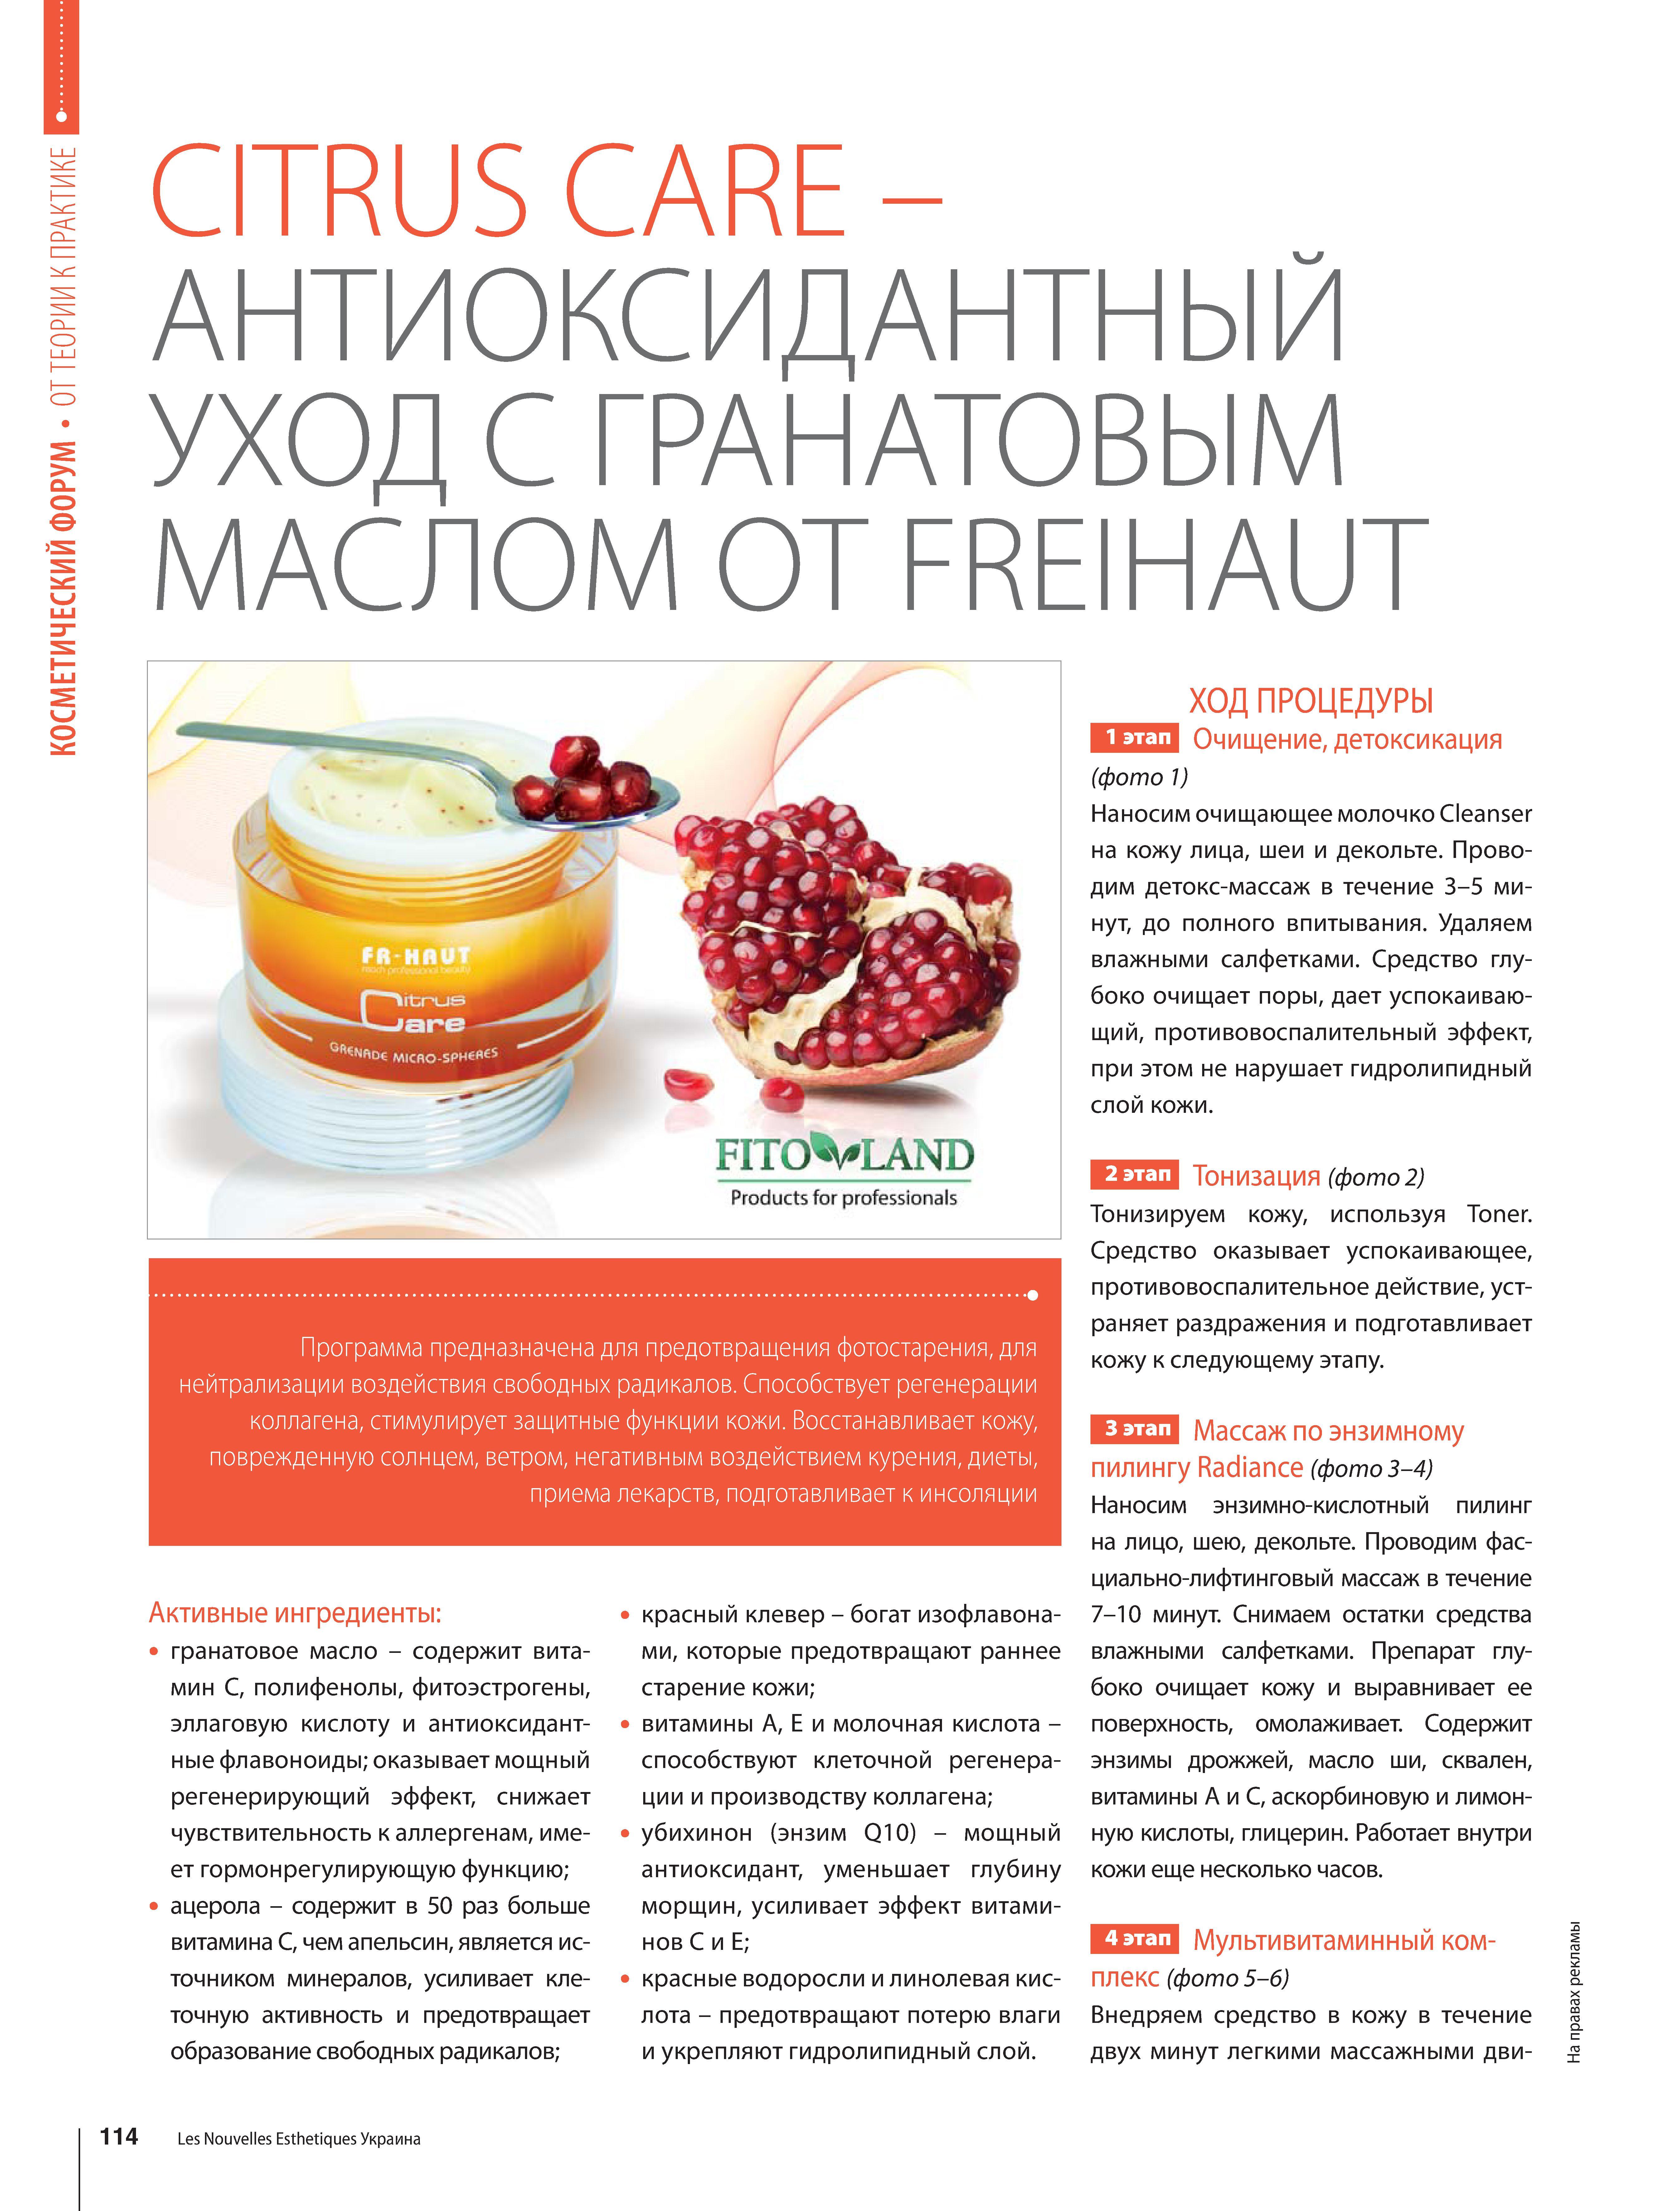 Les nouvelles Процедура месяца Freihaut Citrus care